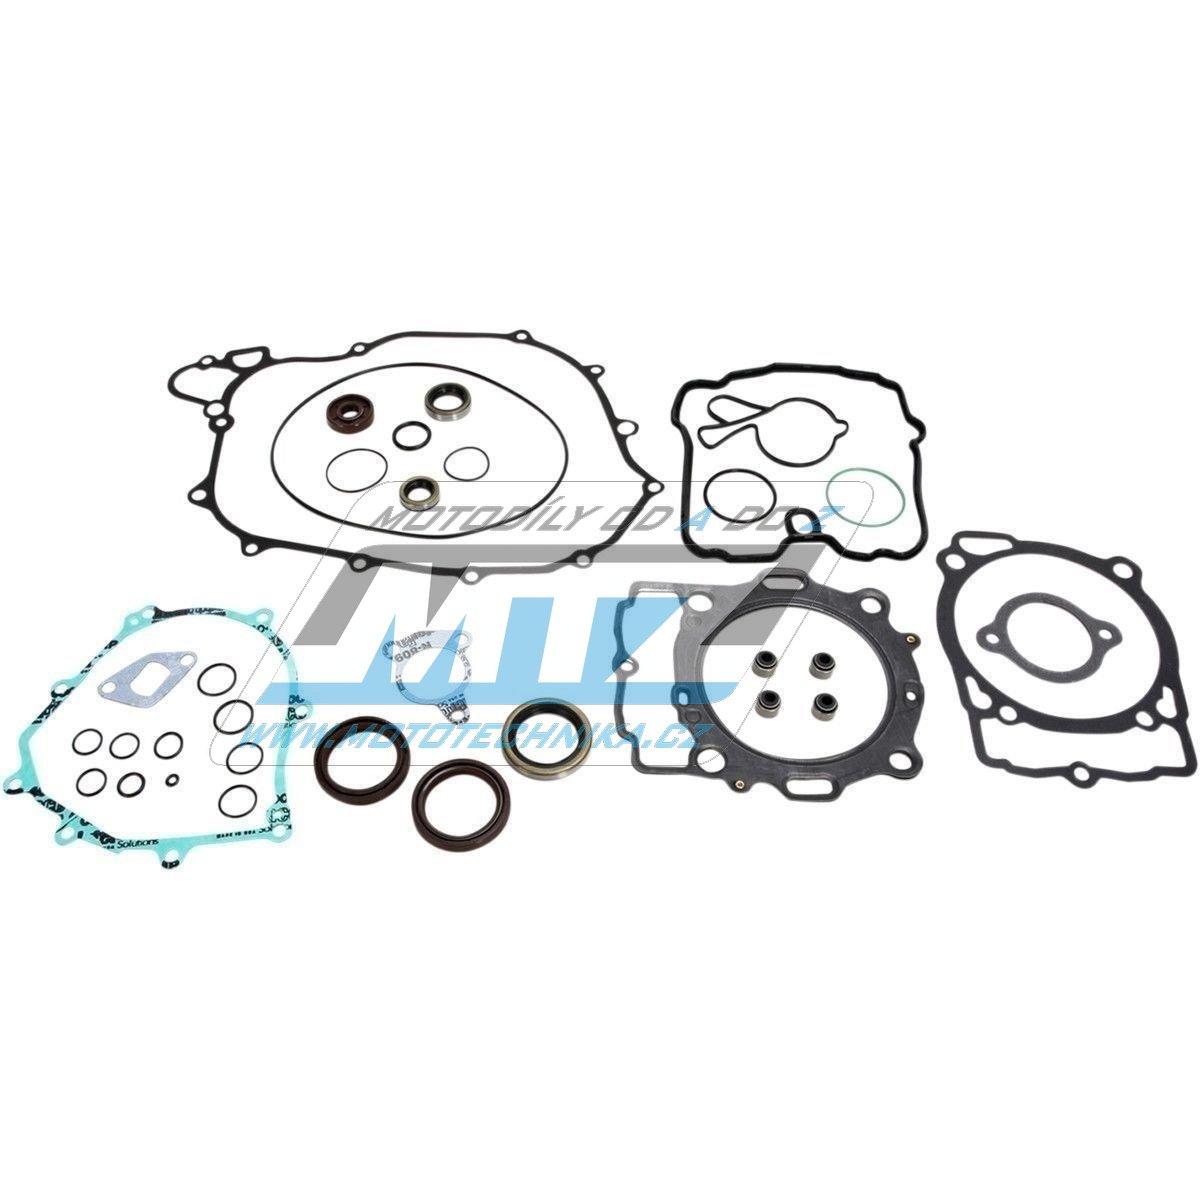 Těsnění kompletní motor (včetně gufer motoru) KTM450 SXF / 14-15 + Husqvarna FC450 / 14-15